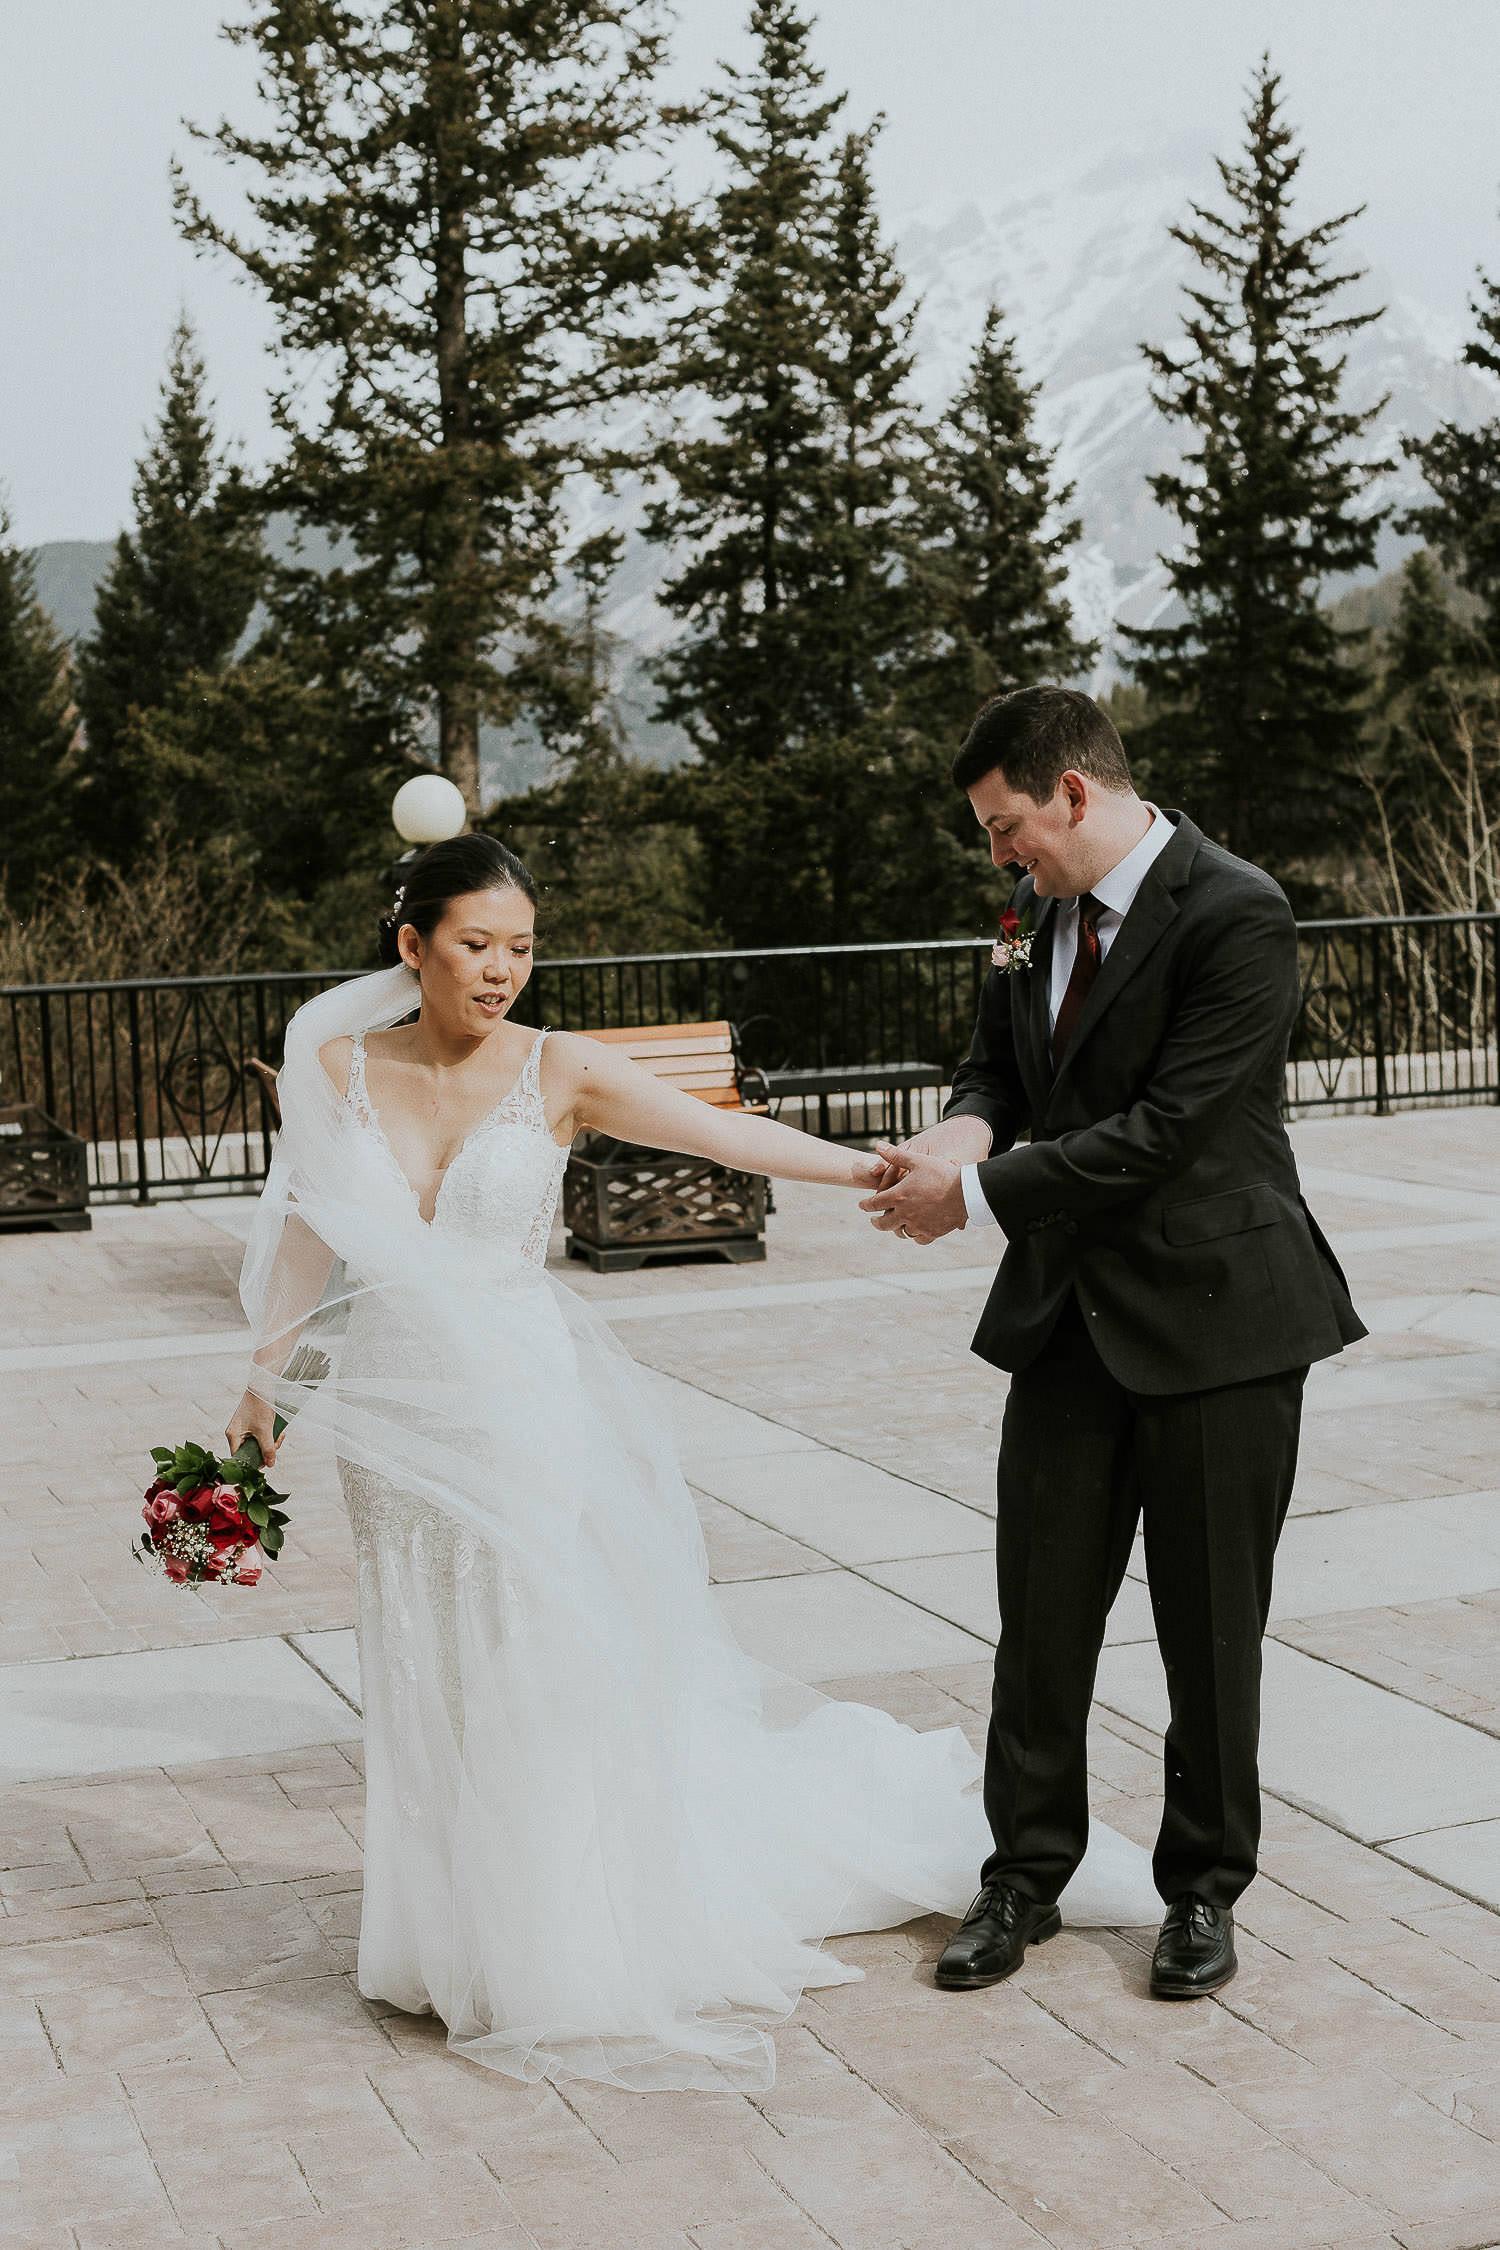 intimate-wedding-at-banff-springs-hotel-sarah-pukin-0119